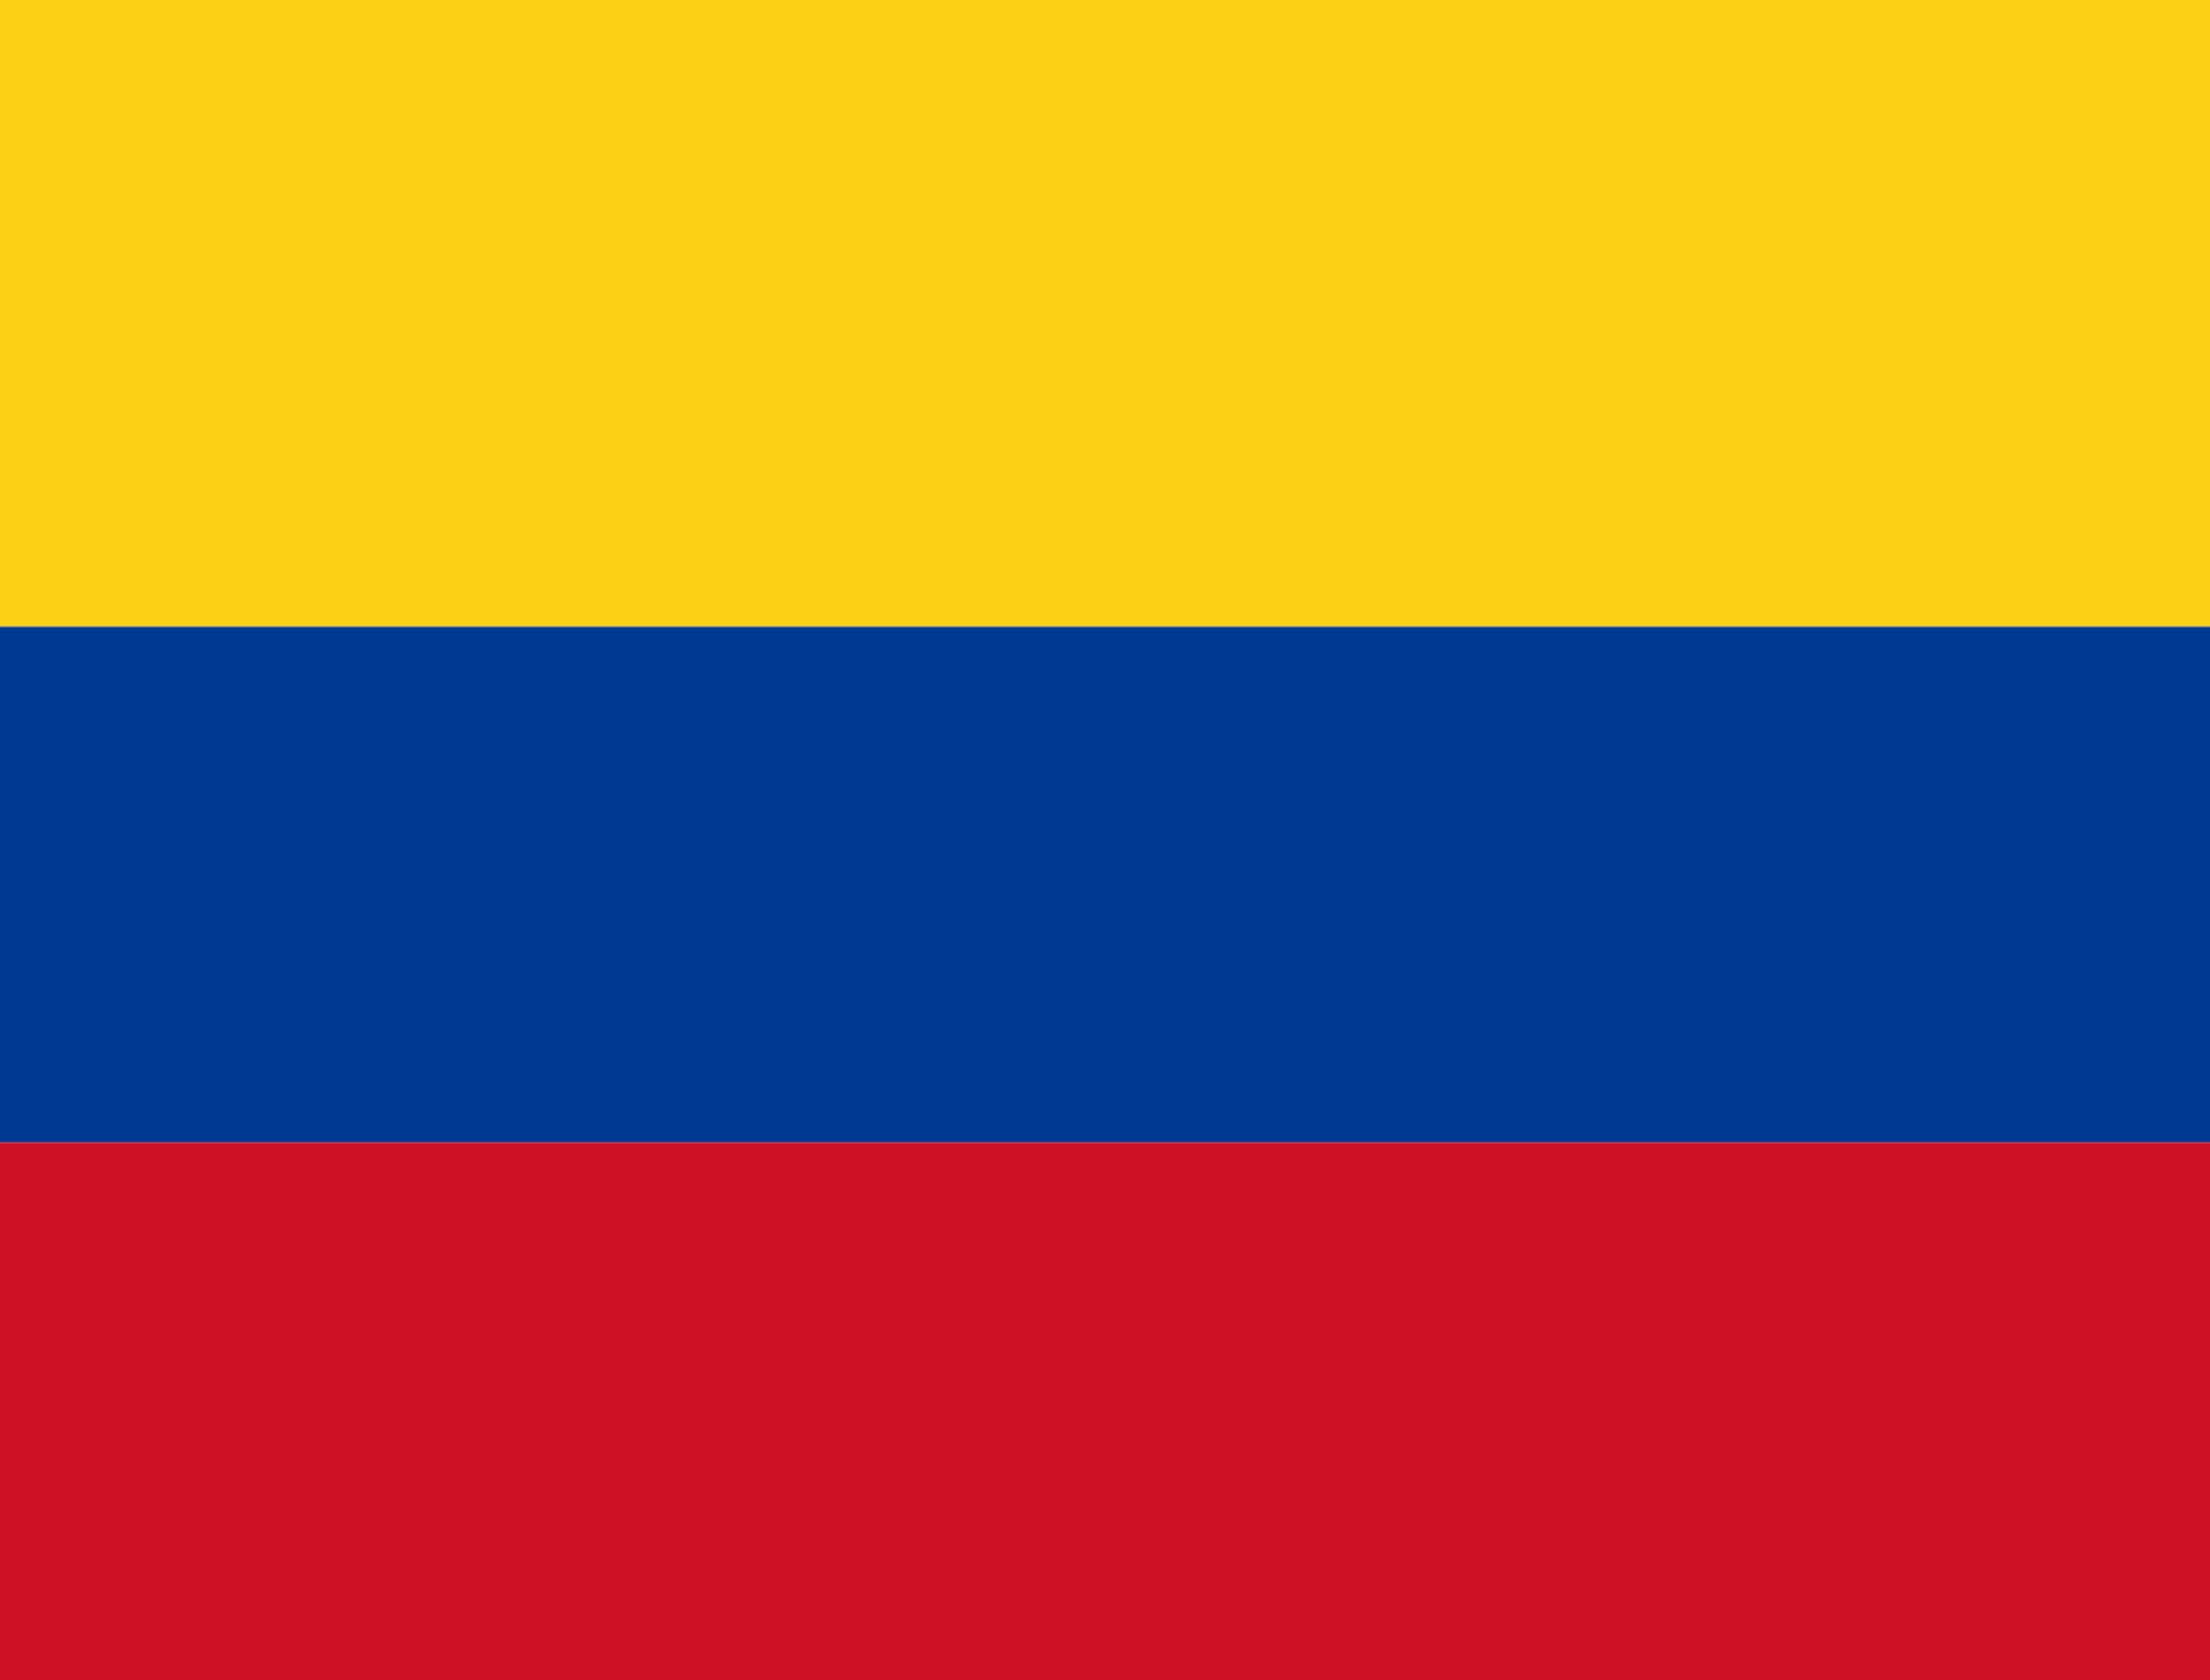 bandera-colombia-copia1